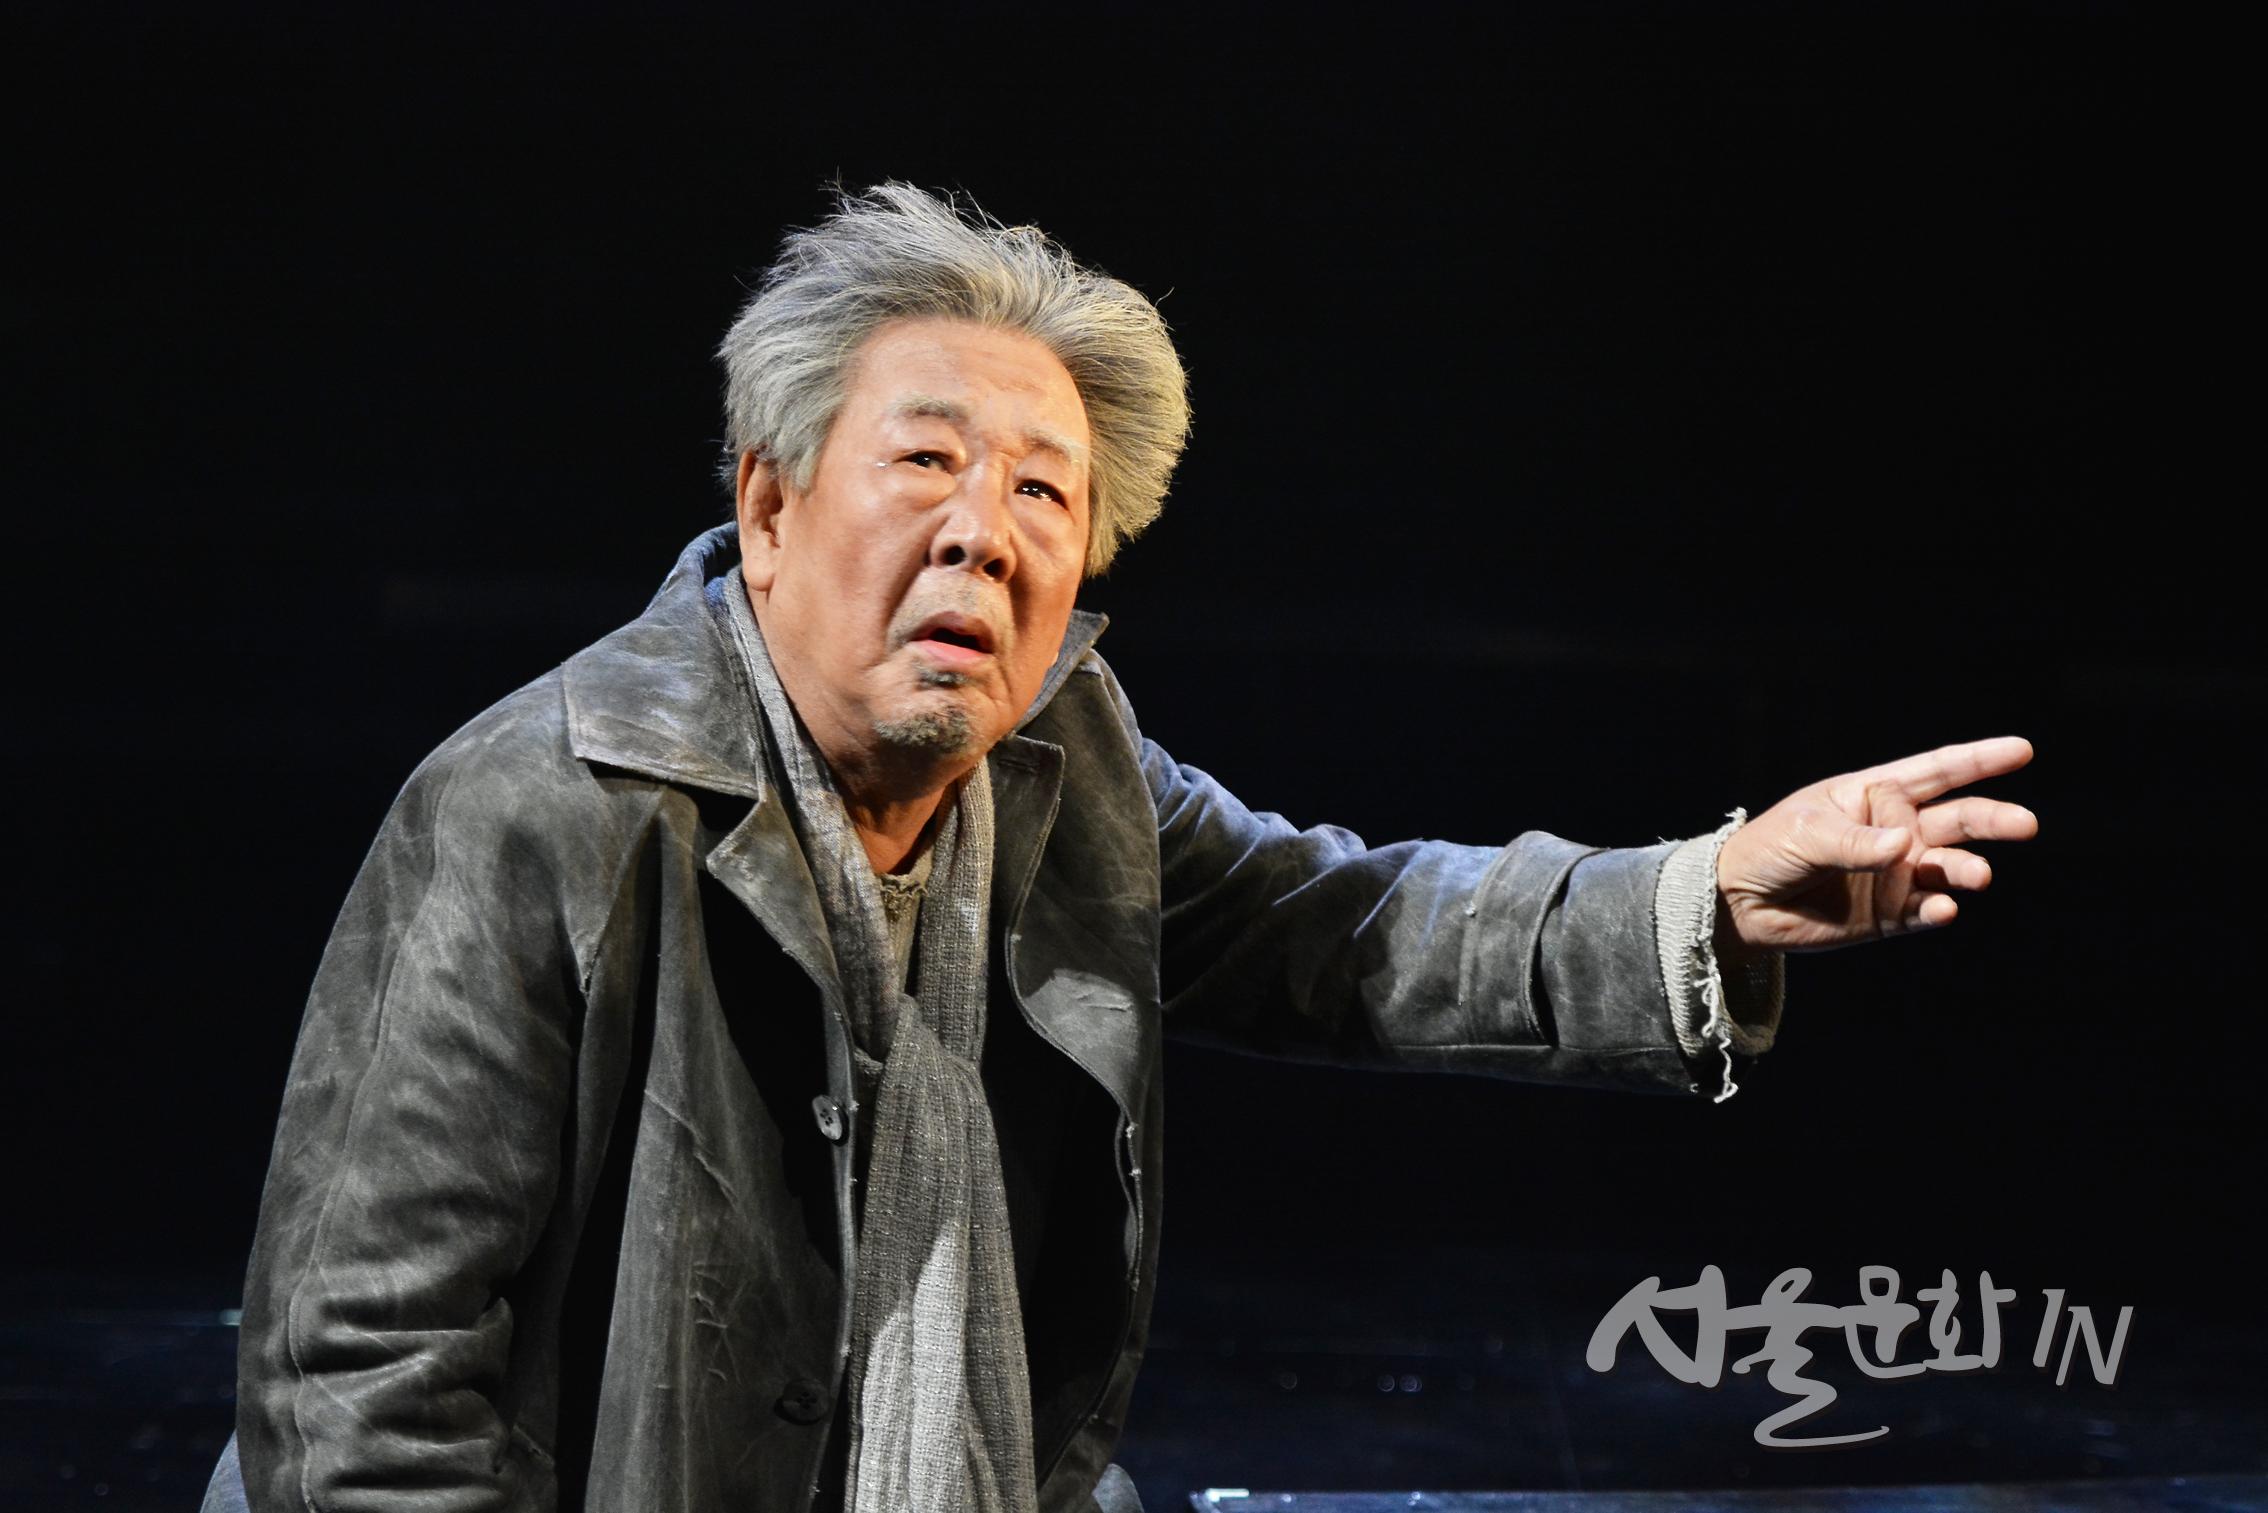 배우 최불암, 실의에 빠진 젊은이를 위로하기 위해 25년 만에 무대에 서다.